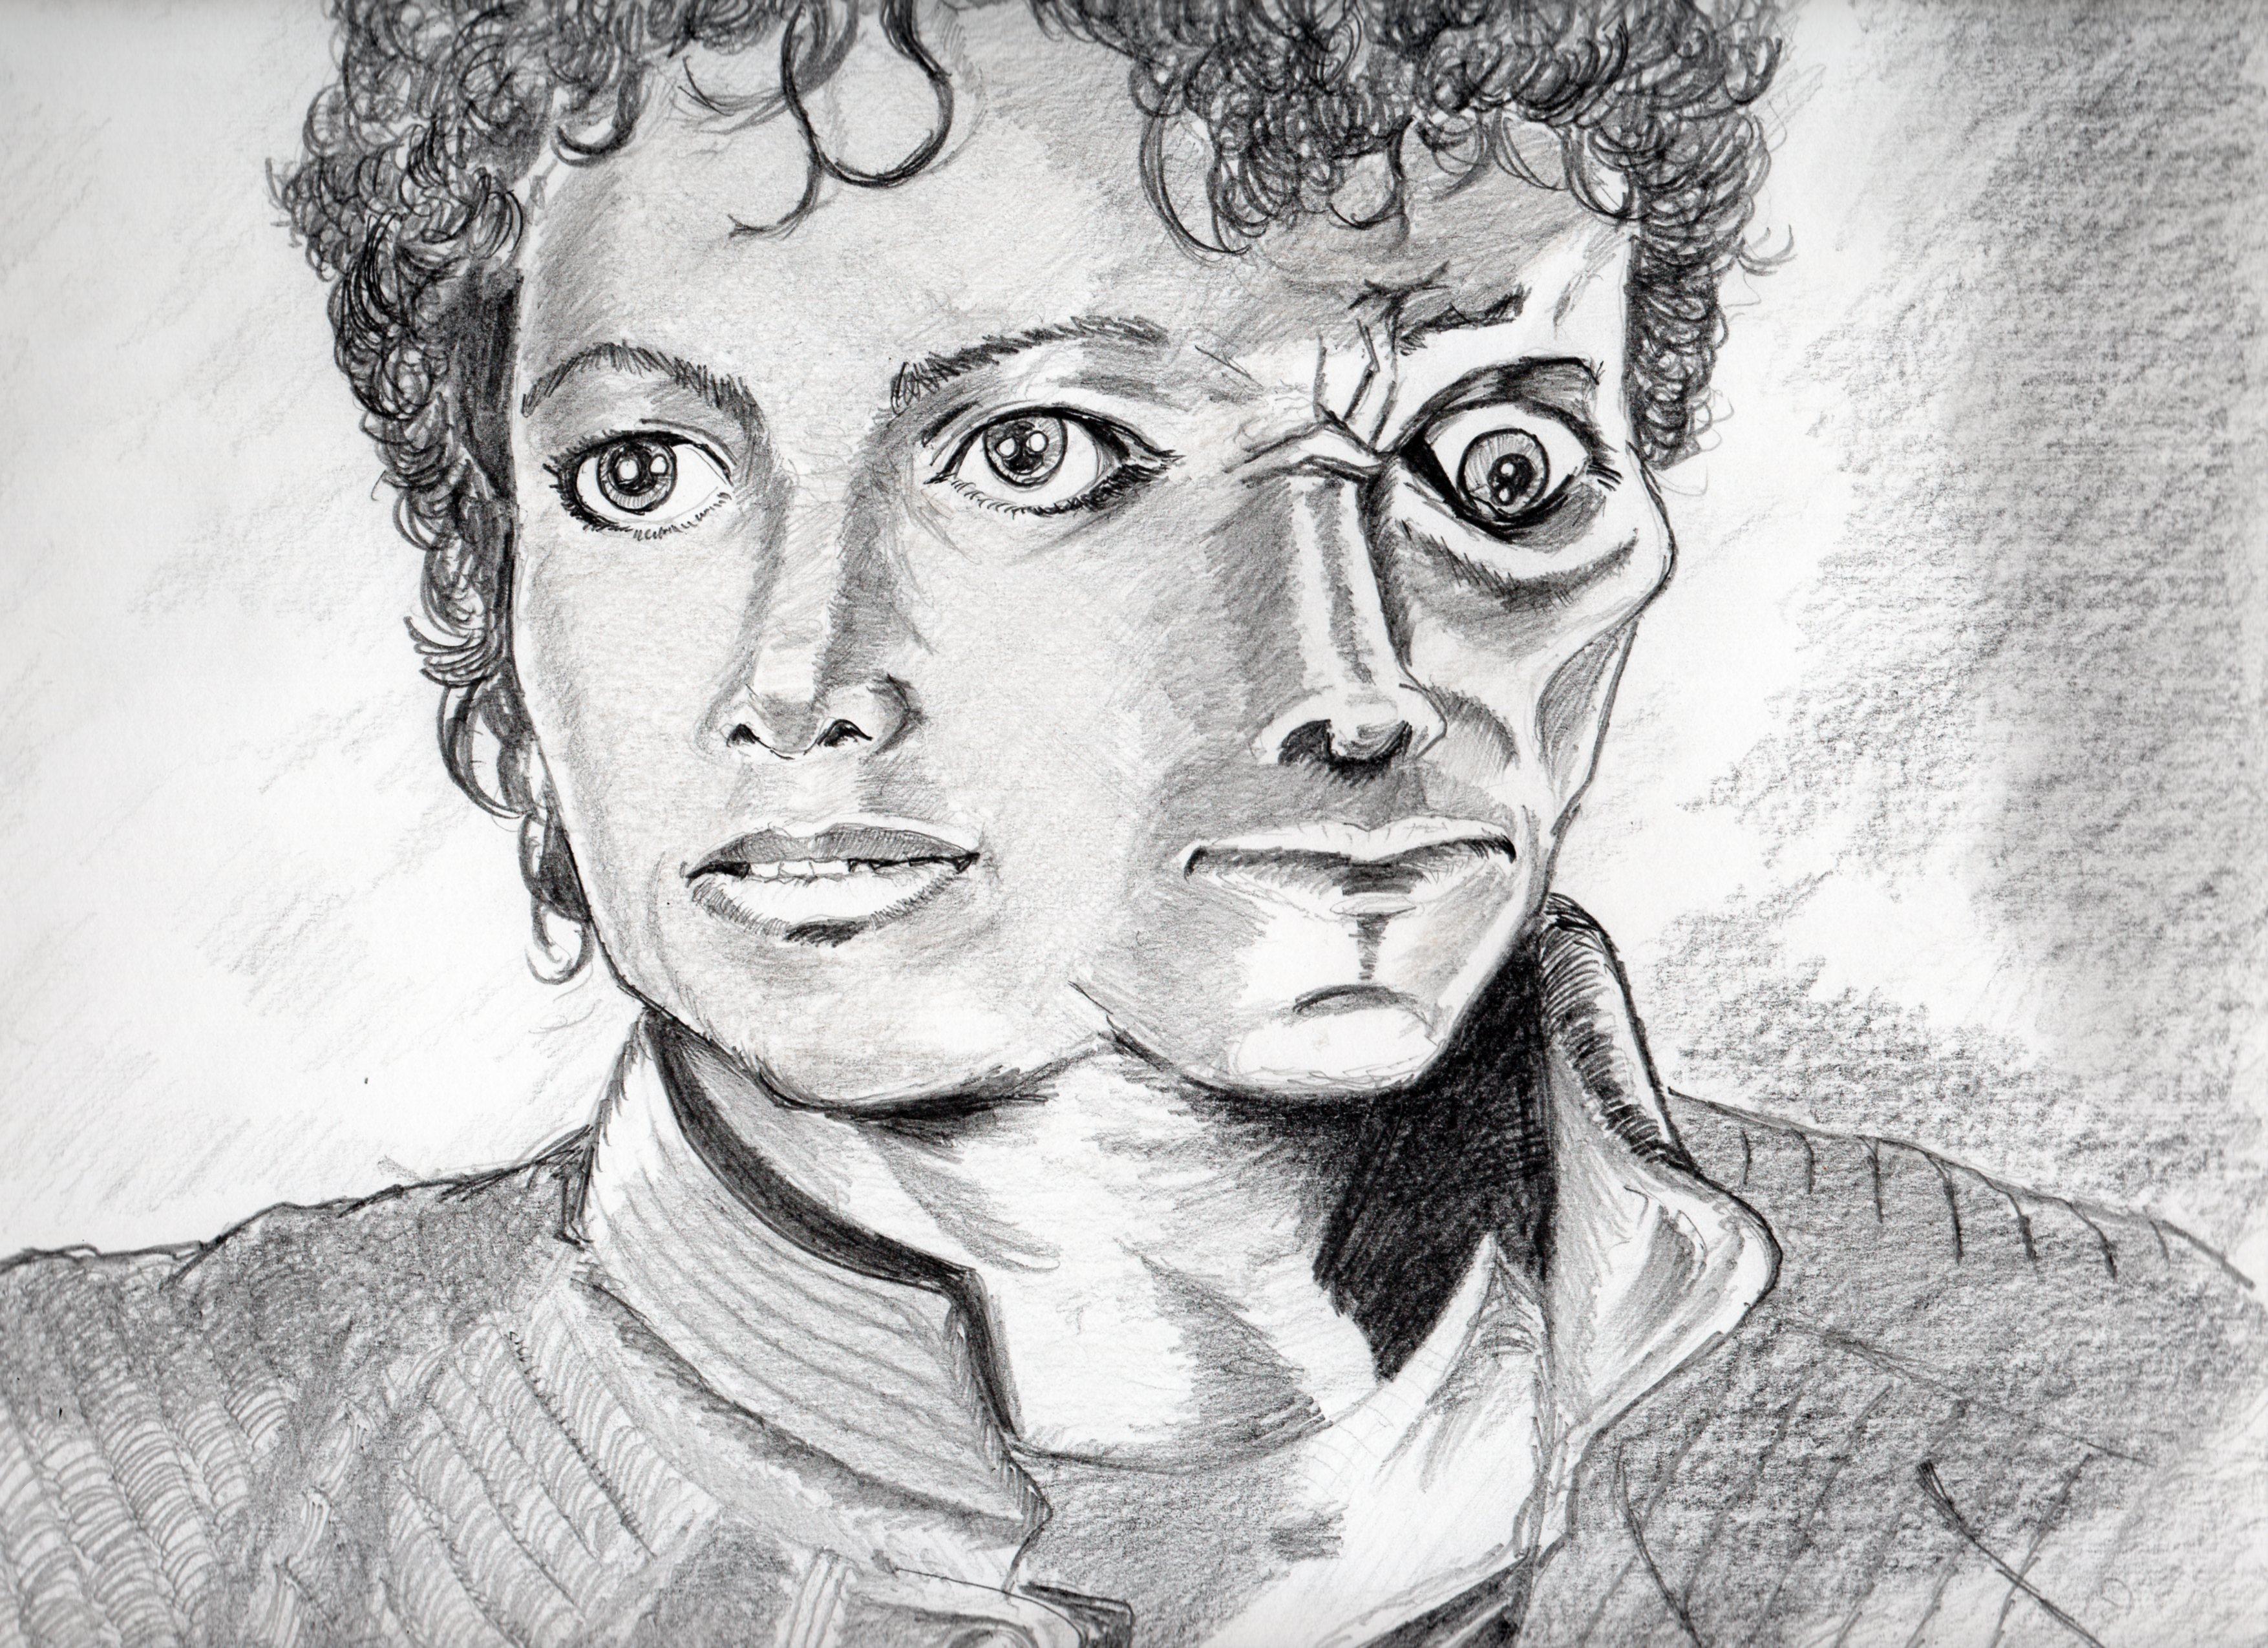 マイケル・ジャクソン THRILLERの鉛筆画似顔絵